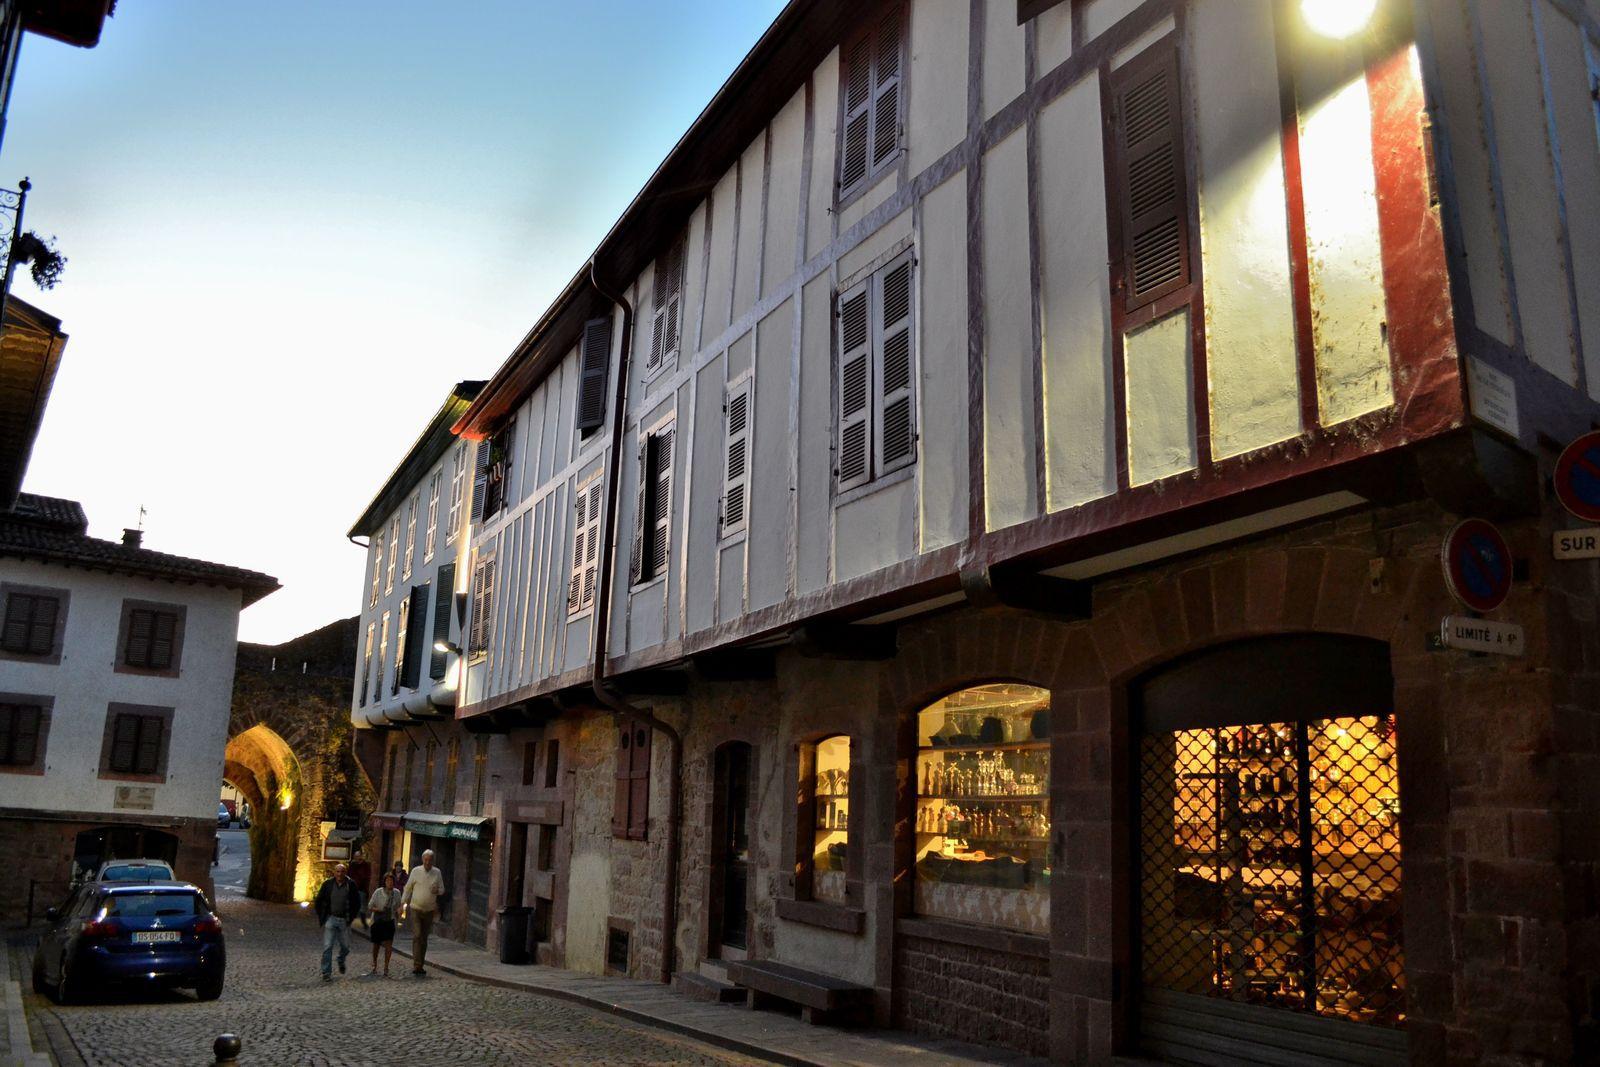 Une soirée à Saint-Jean-Pied-de-Port...